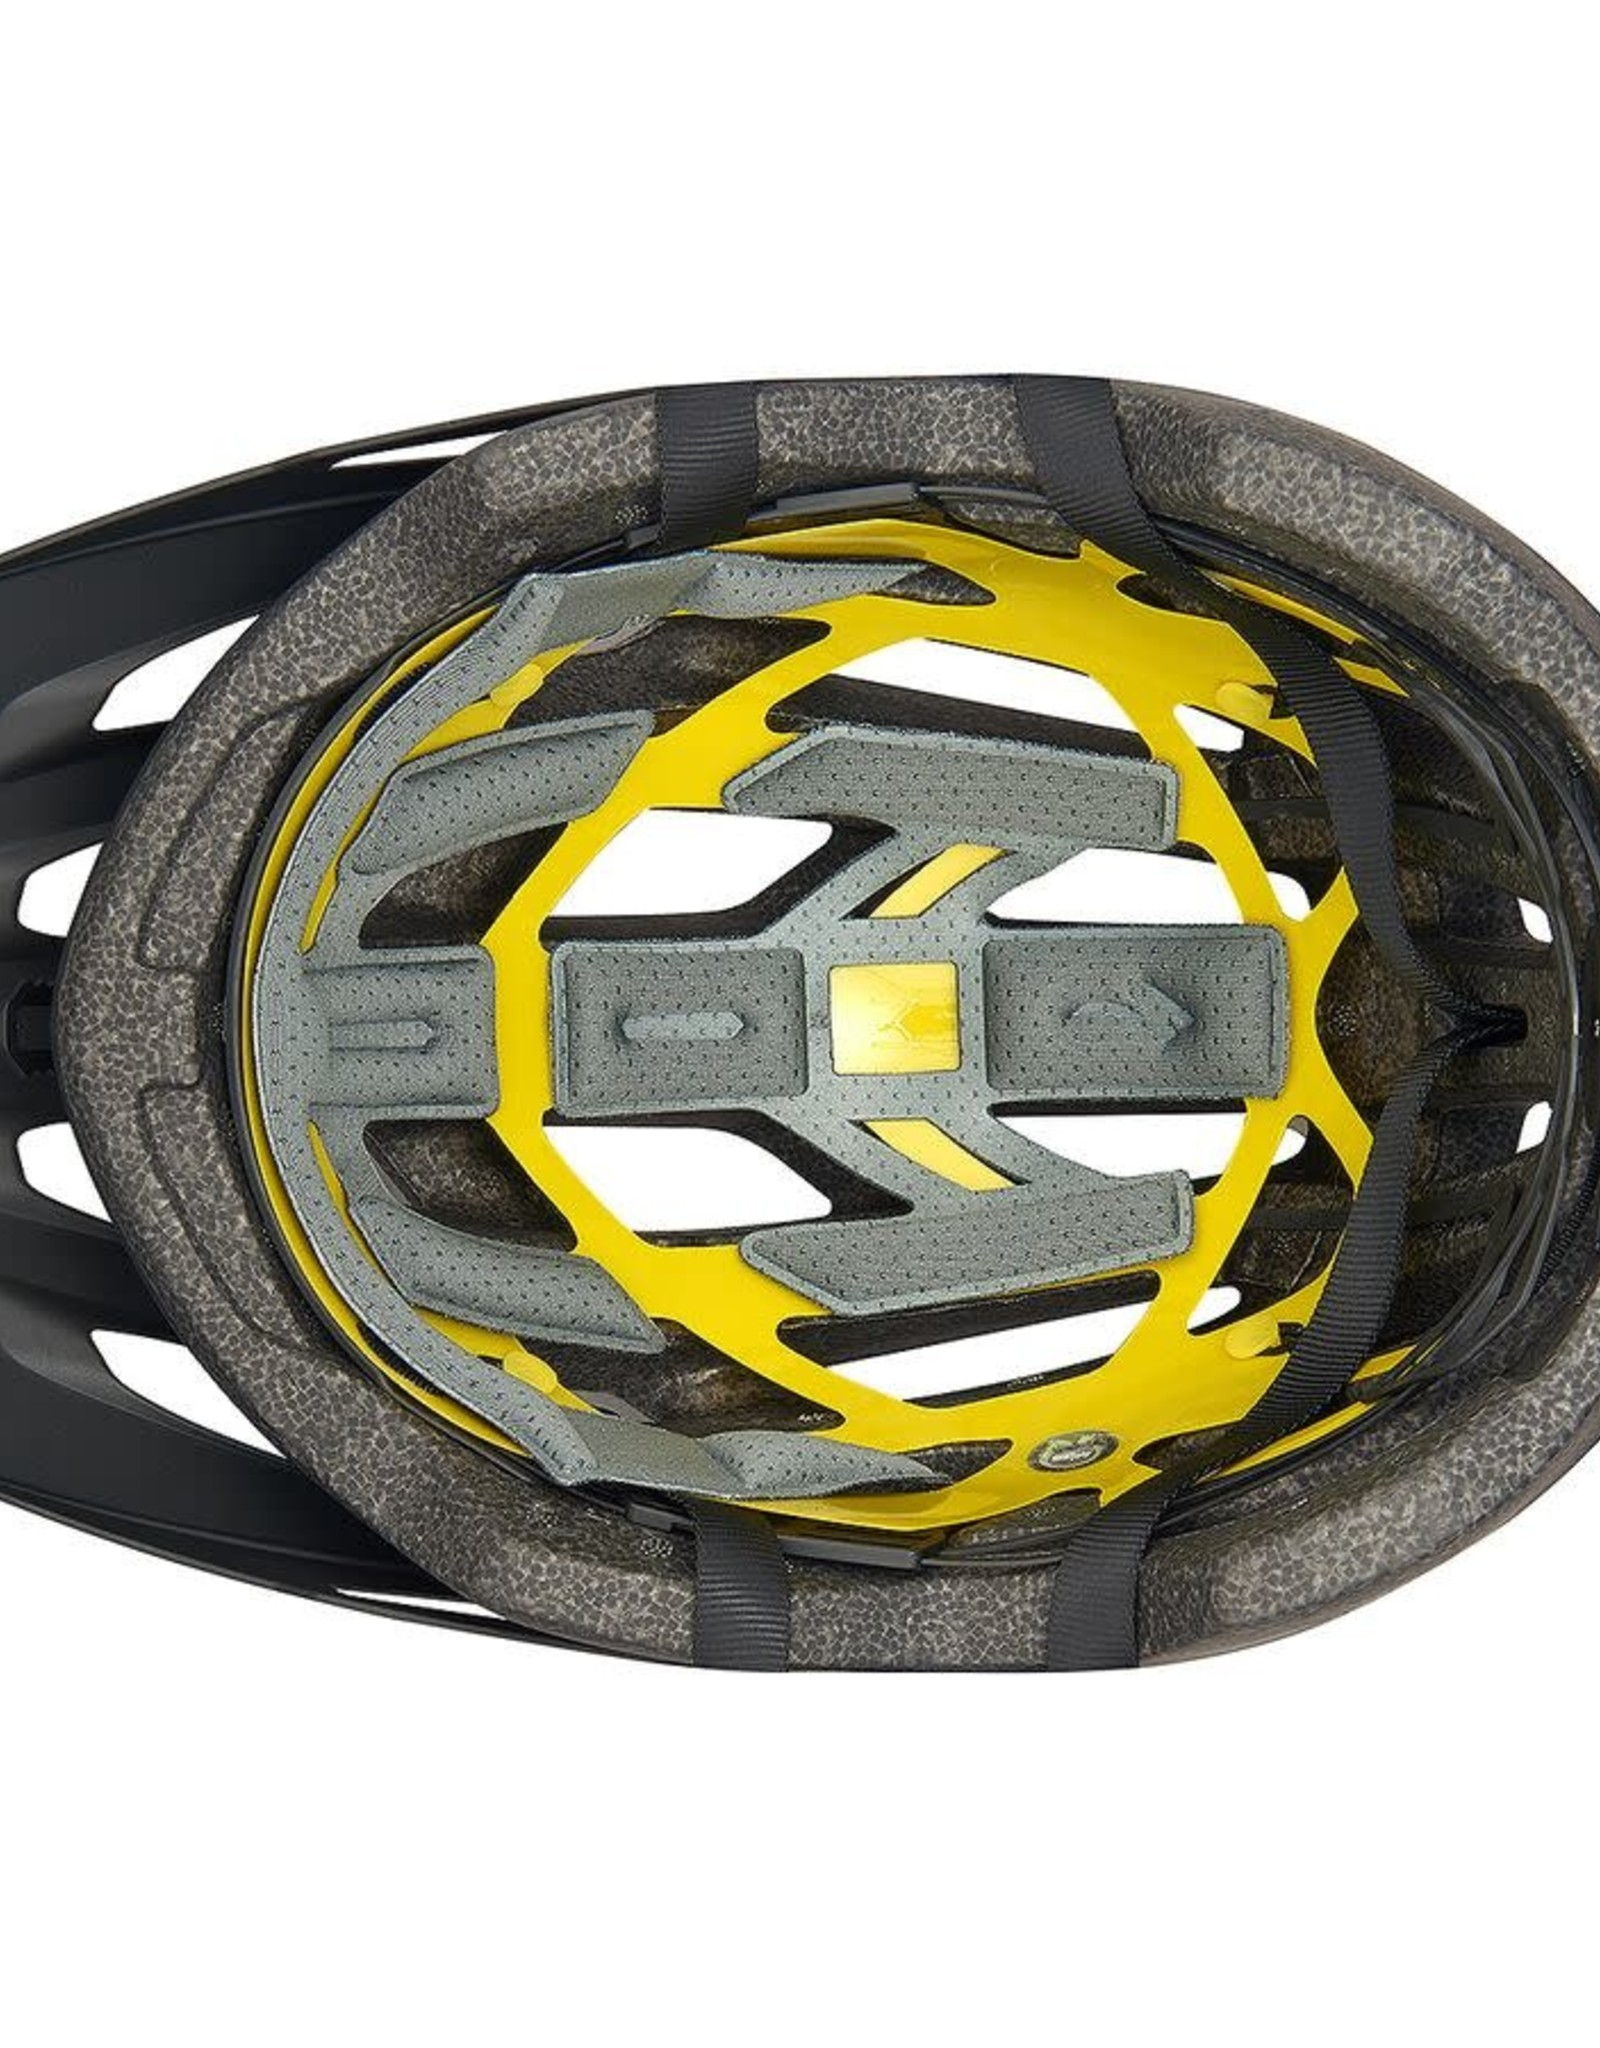 SPECIALIZED SPECIALIZED Bike Helmet AMBUSH COMP MIPS with ANGi